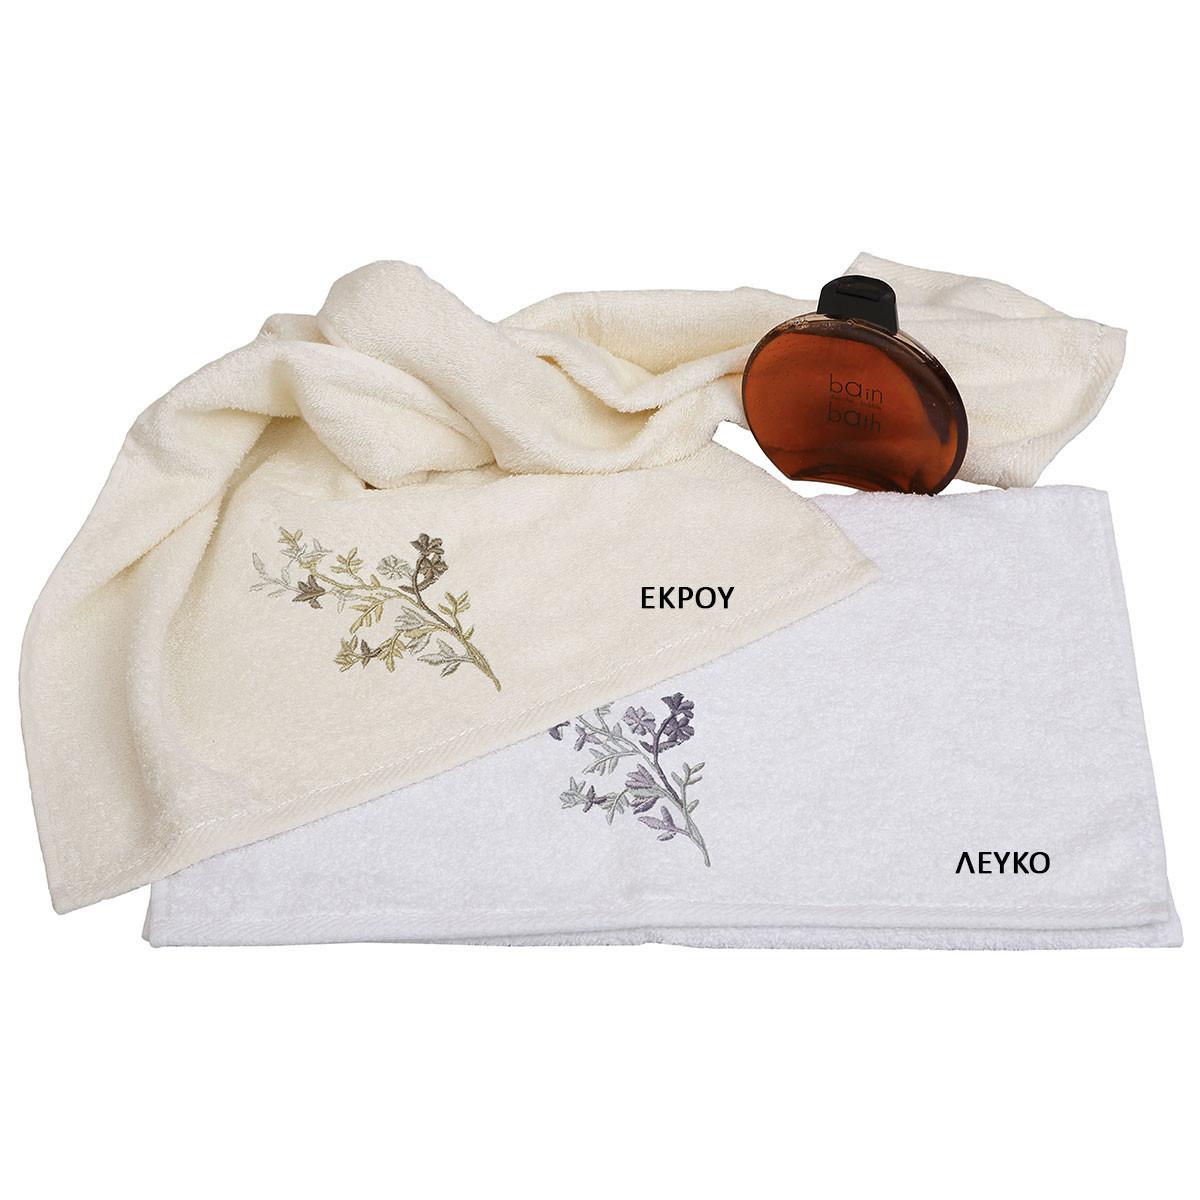 Πετσέτες Μπάνιου (Σετ 3τμχ) Viopros Bath Ideas Σχ 37 home   μπάνιο   πετσέτες μπάνιου